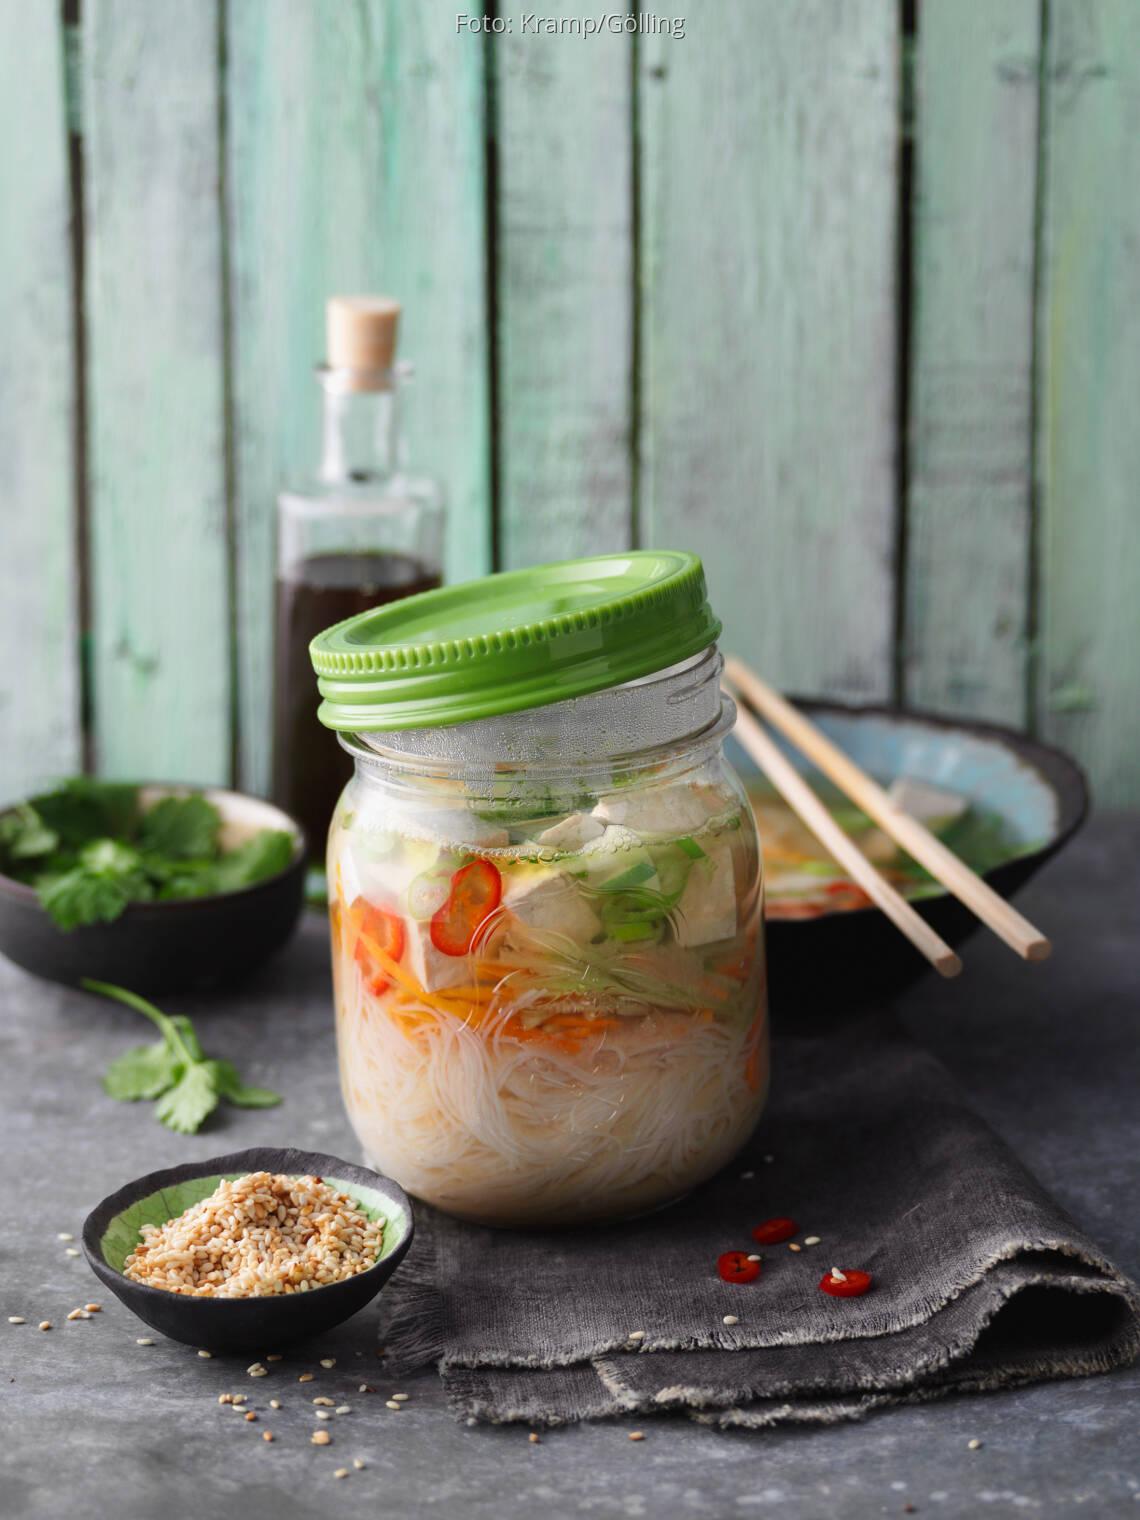 Misosuppe mit Tofu und Sesam im Glas